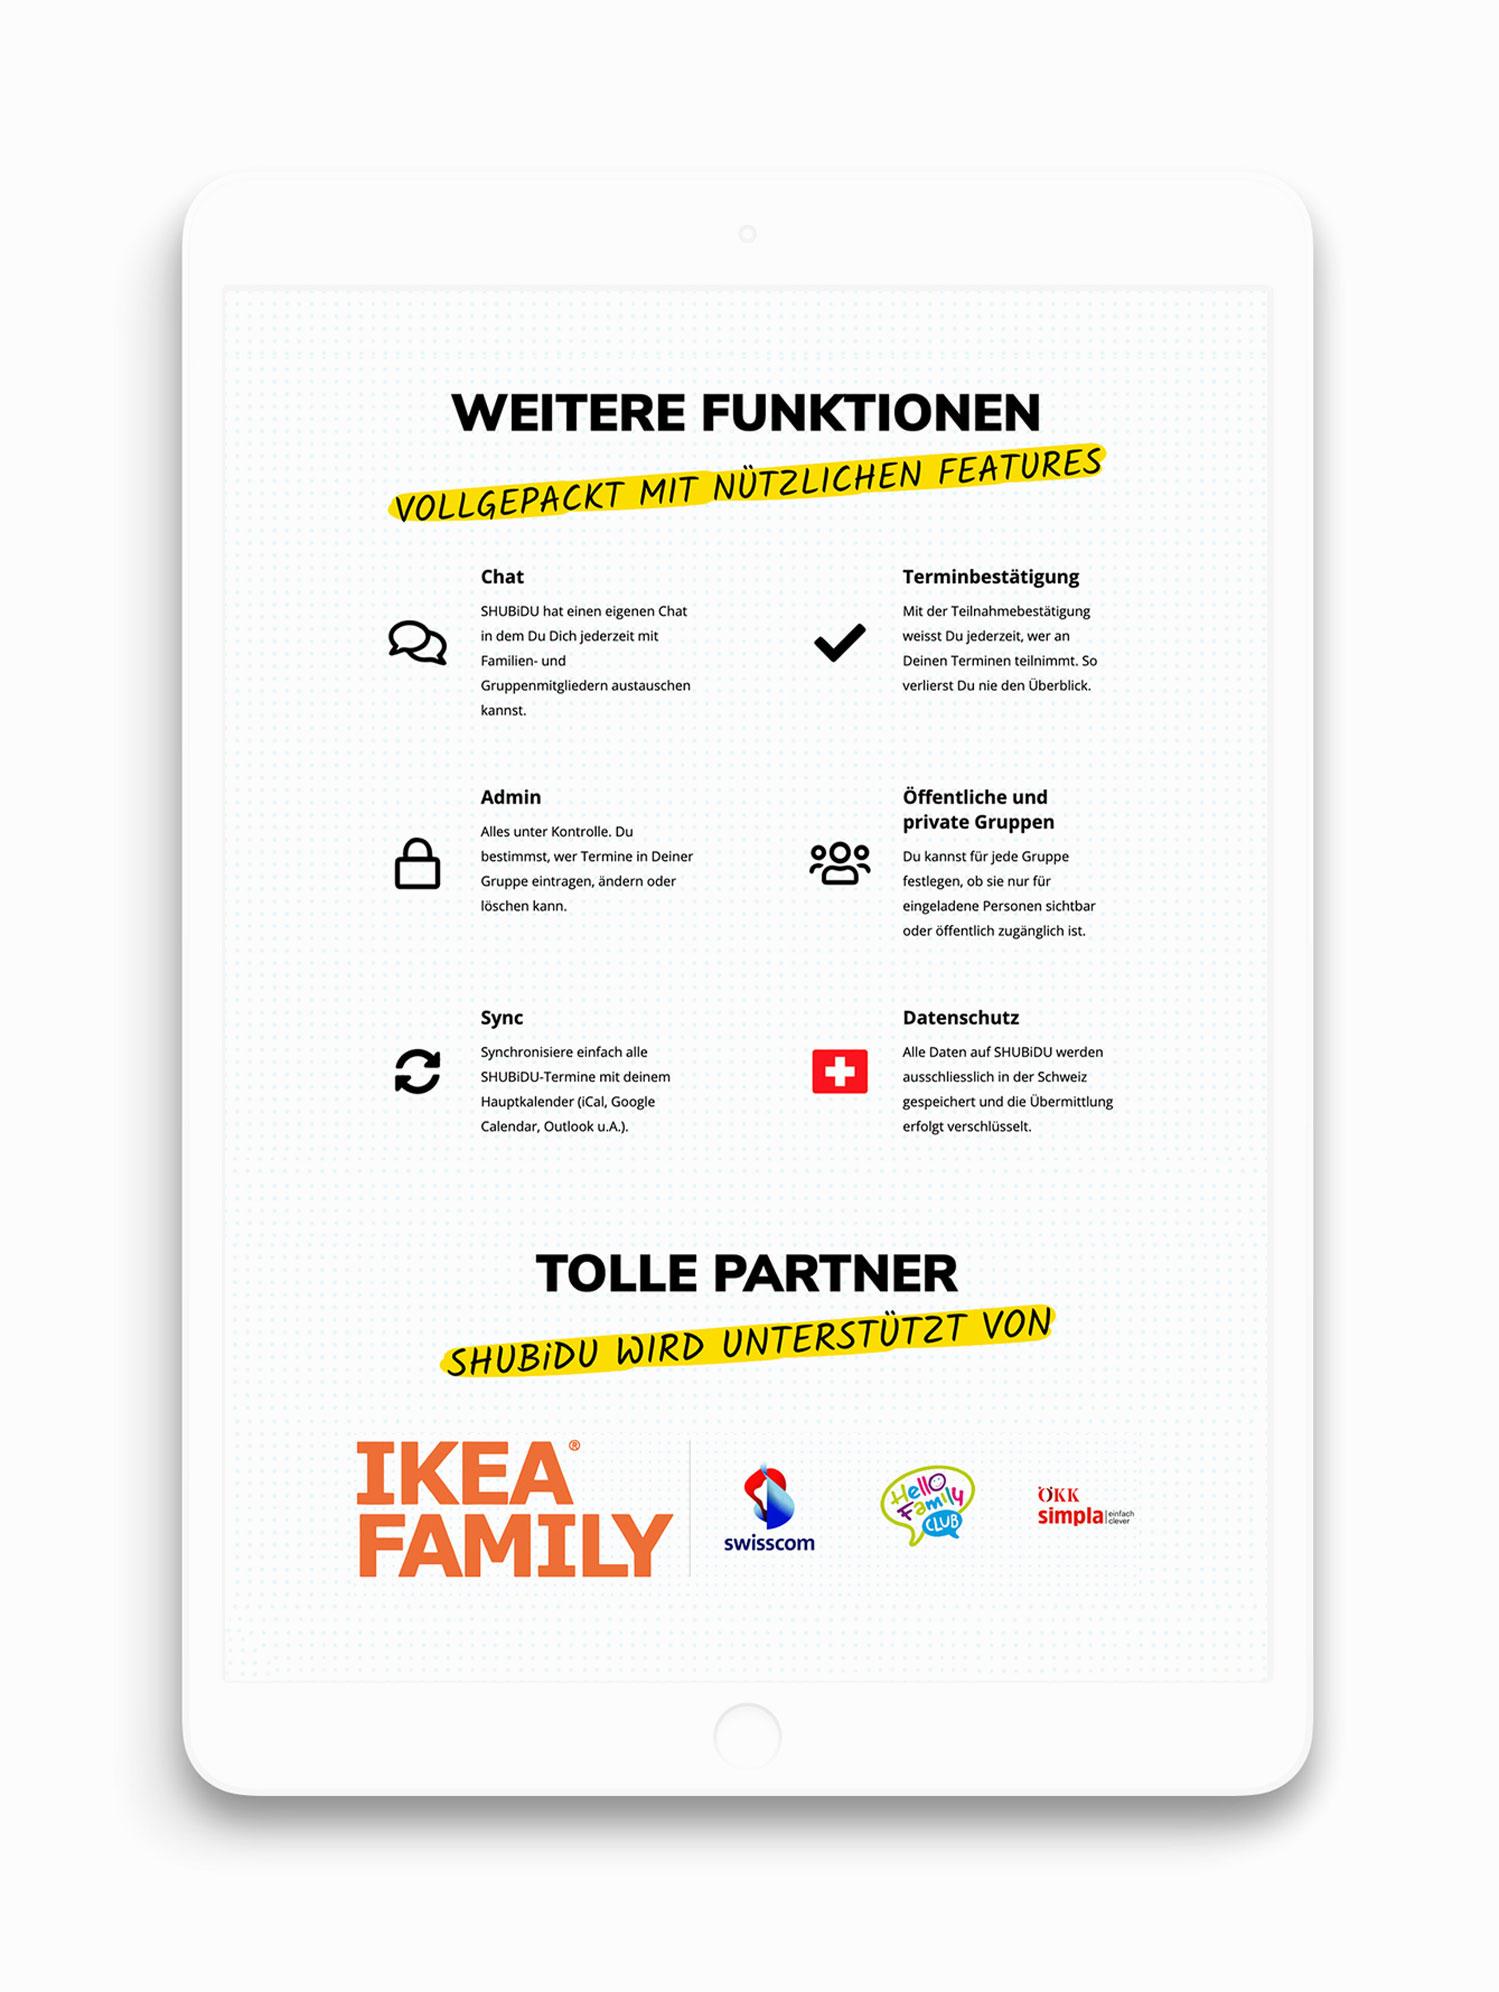 Responsive Webdesign für Webseite von Schweizer App